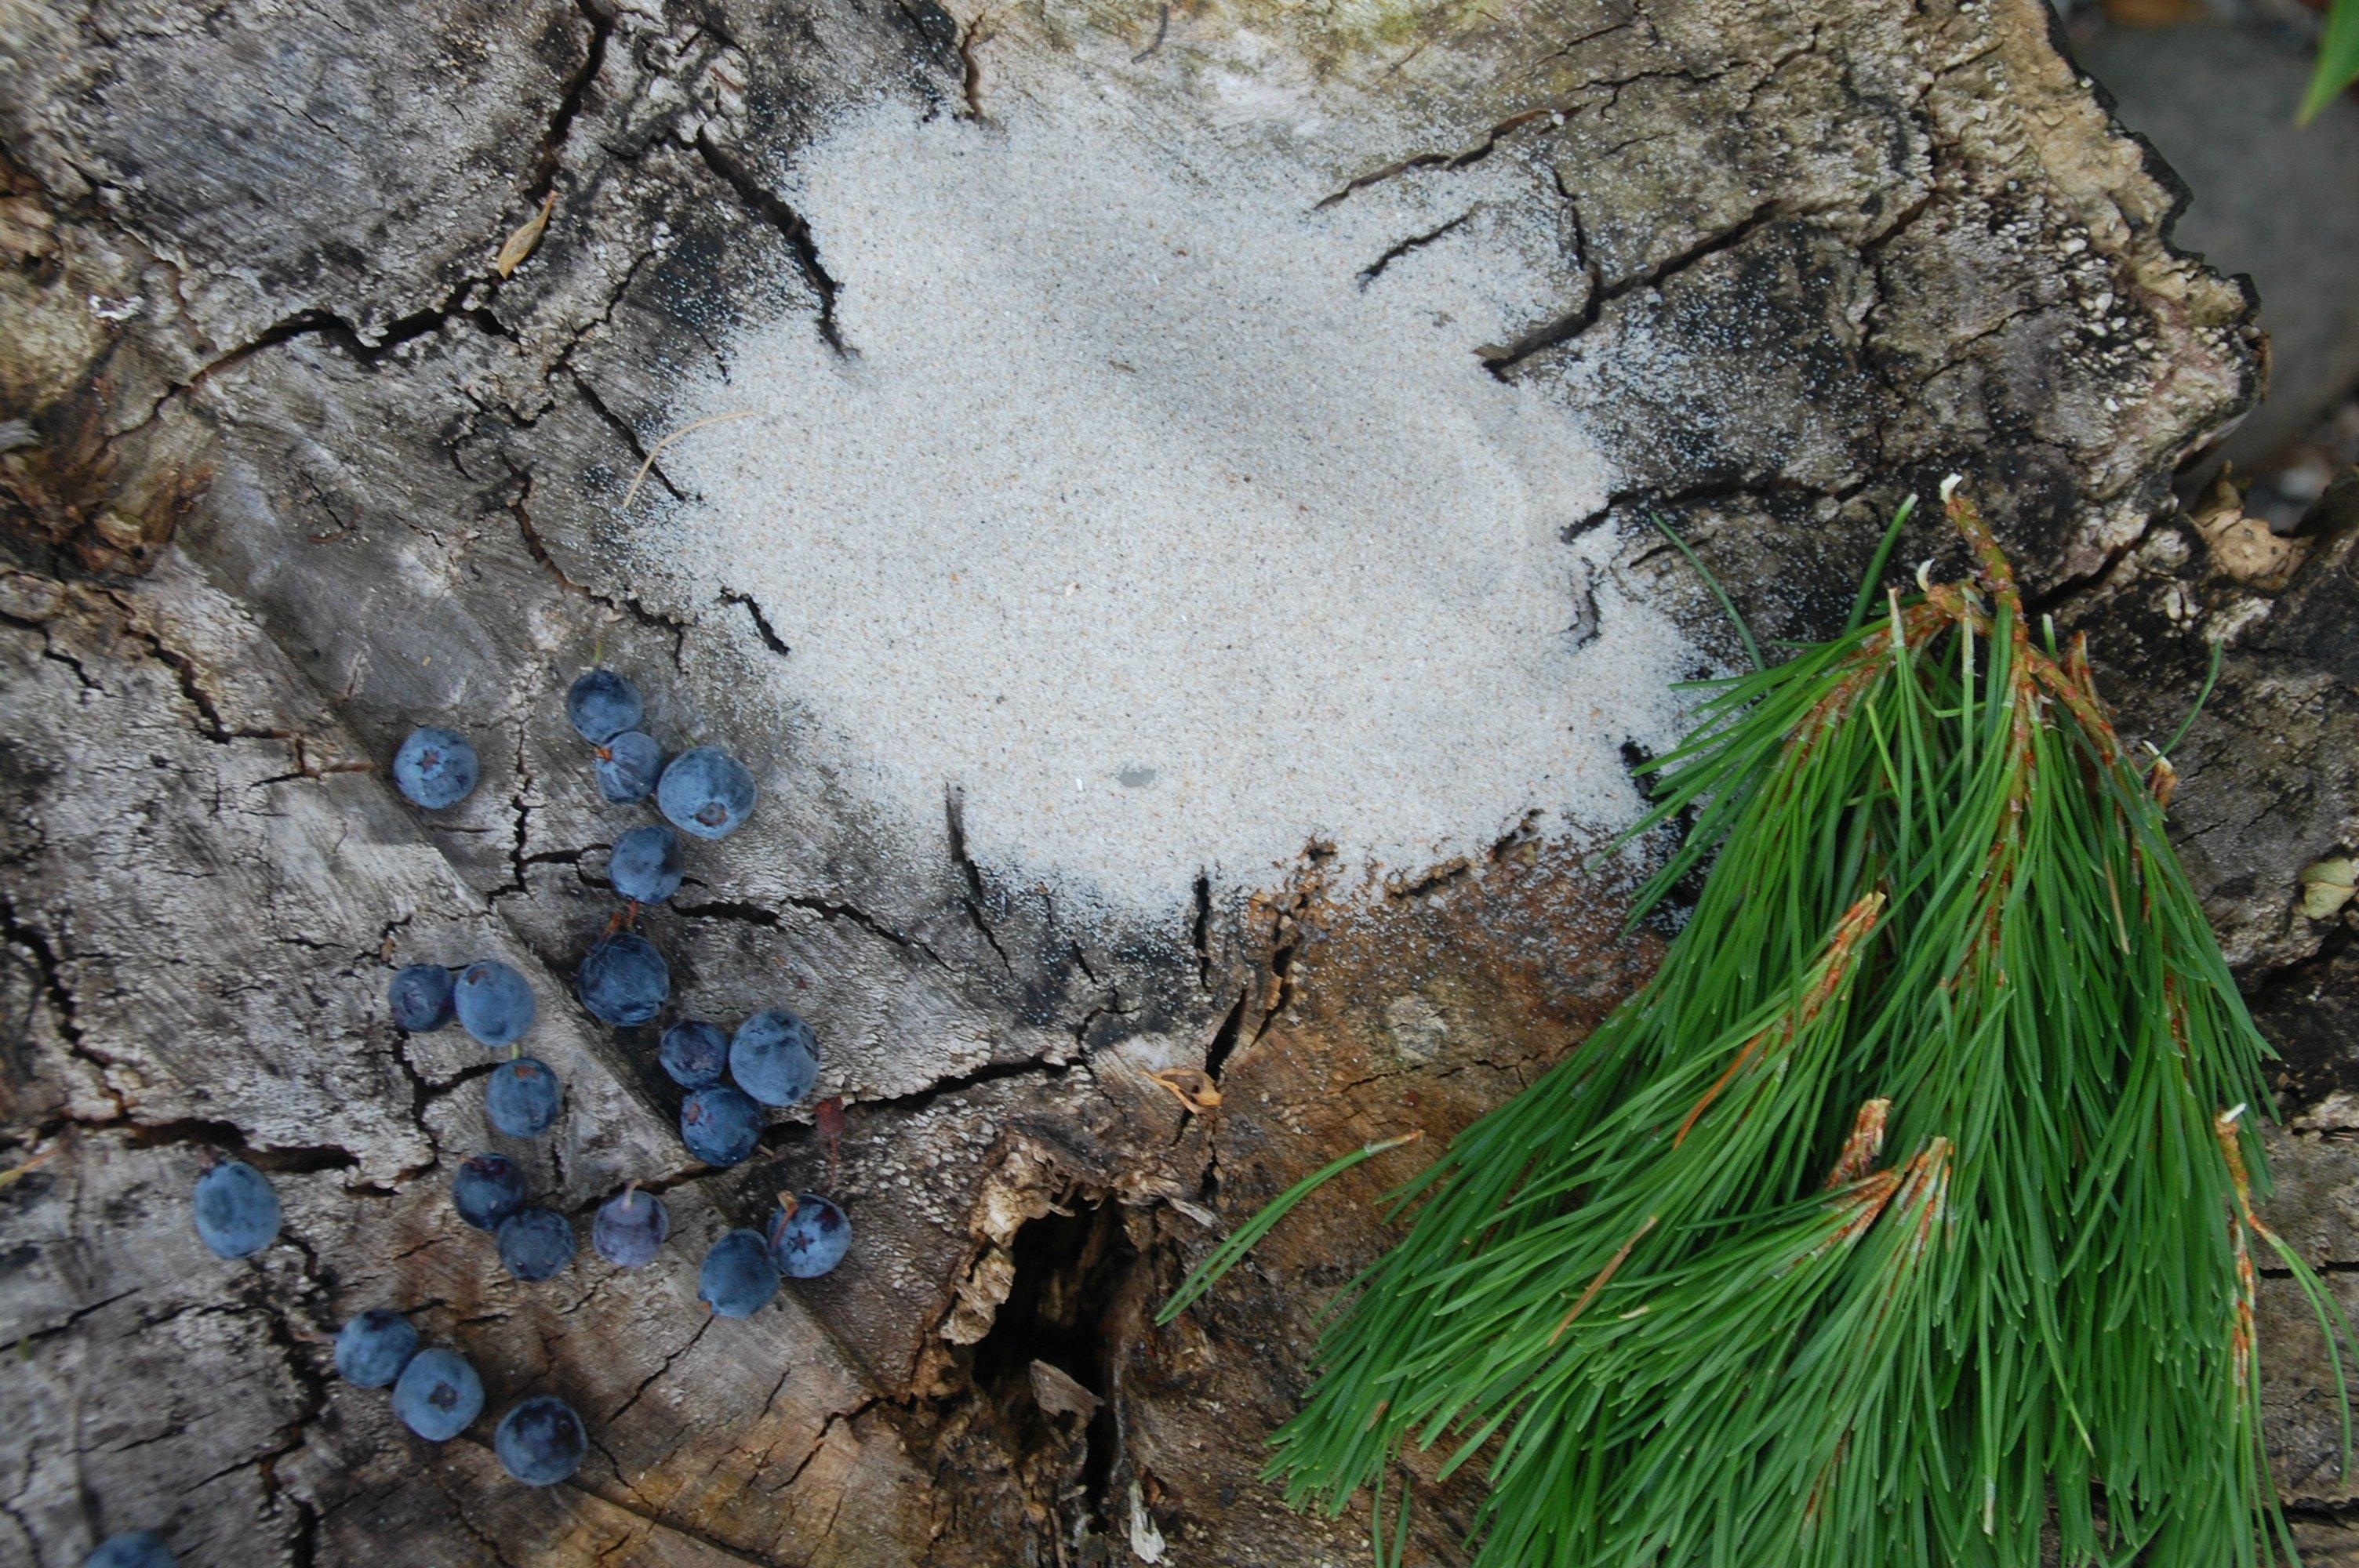 Blåbær, fyrrenåle og stransand fra Vestkysten